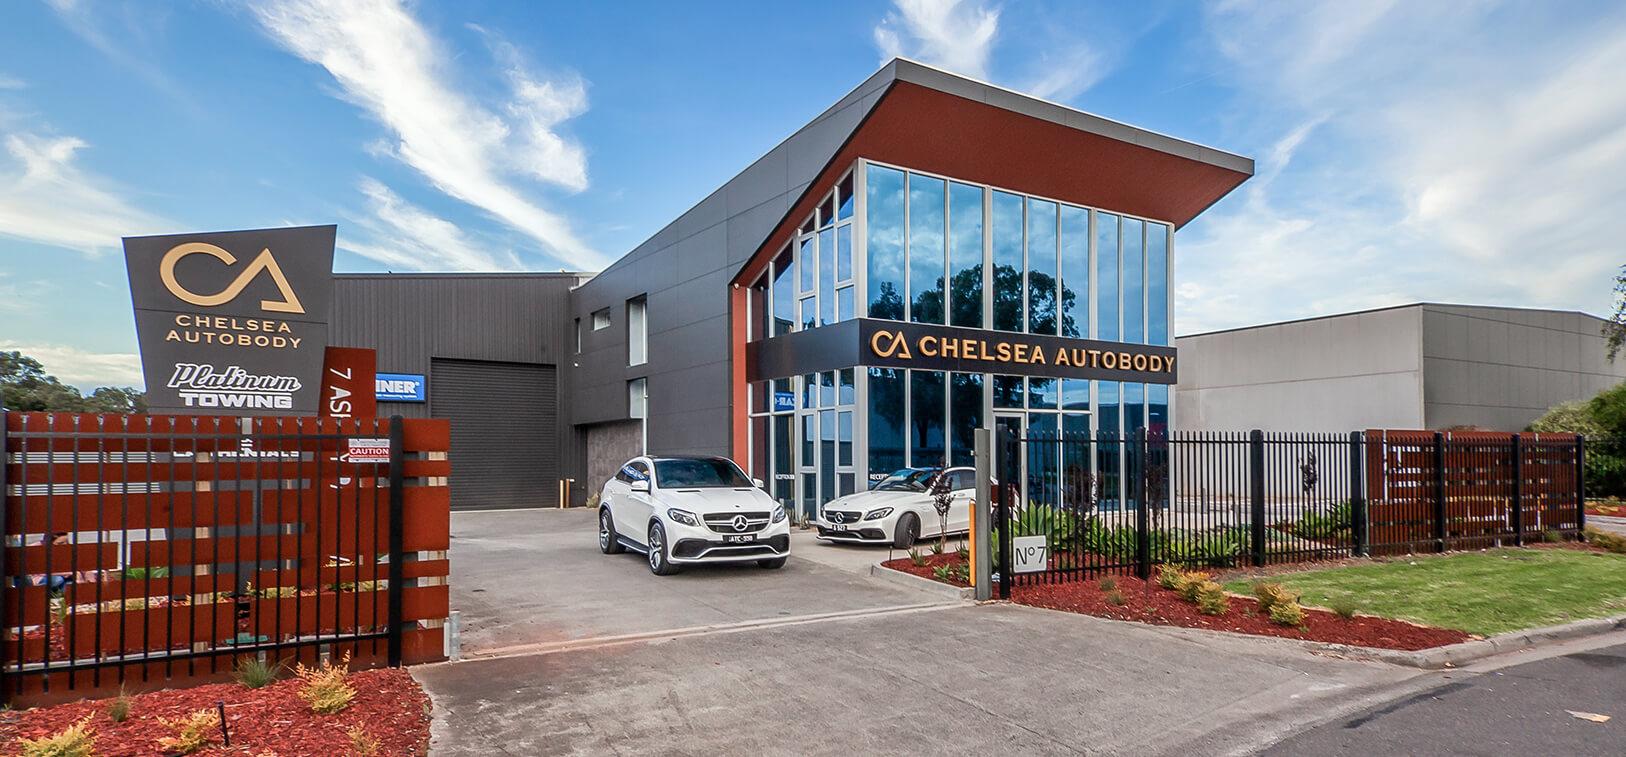 CA Chelsea Autobody